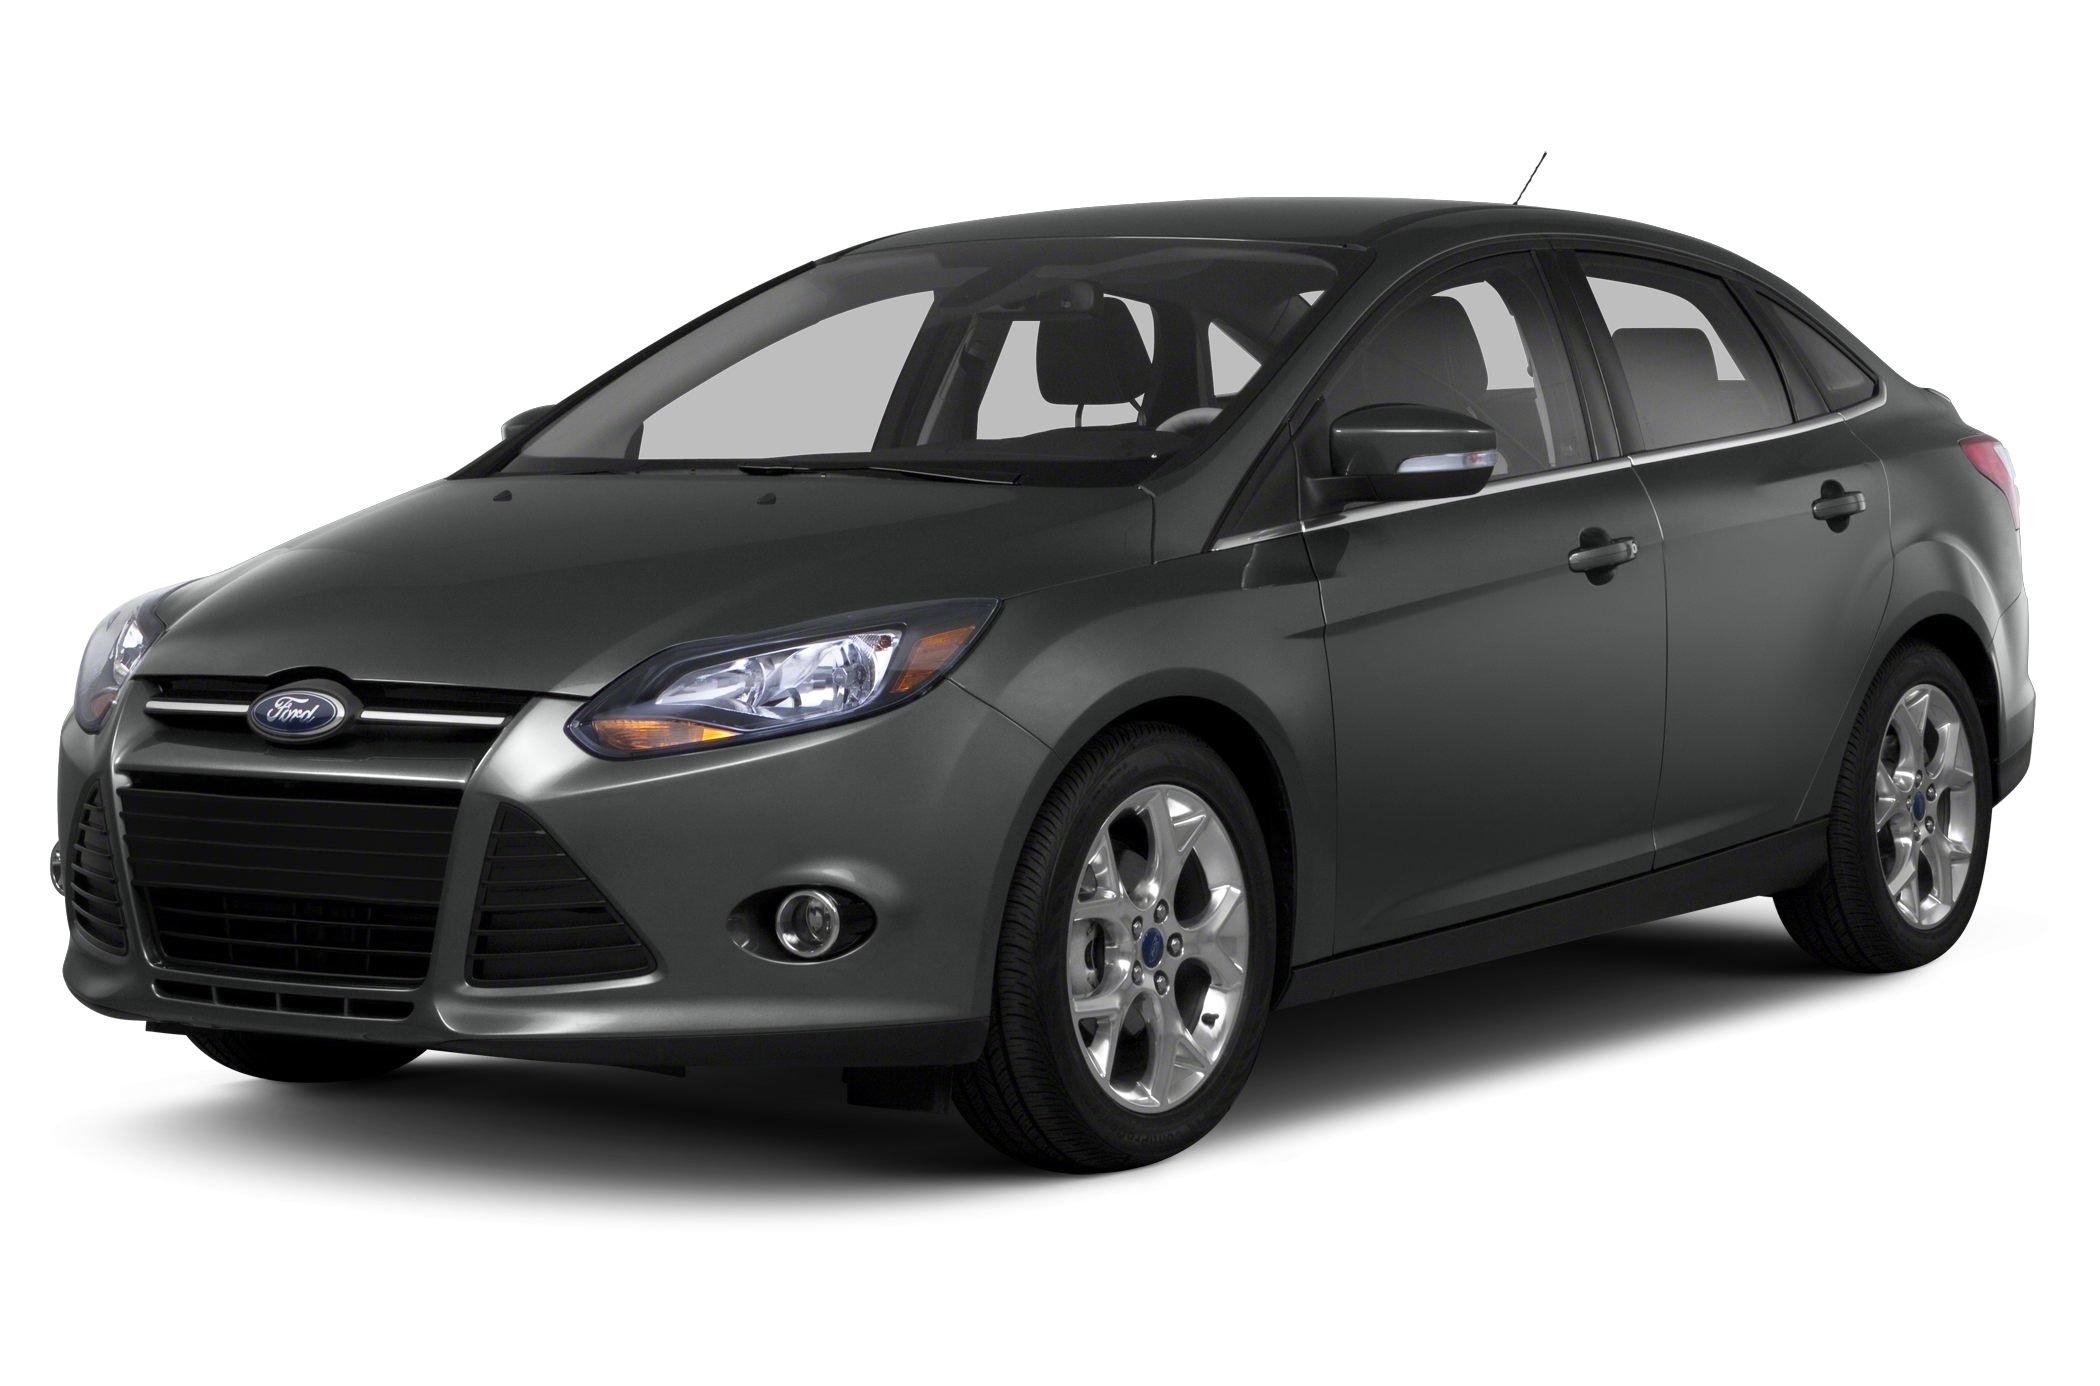 Ford «светит» иск на 4 миллиарда долларов из-за дефектных трансмиссий